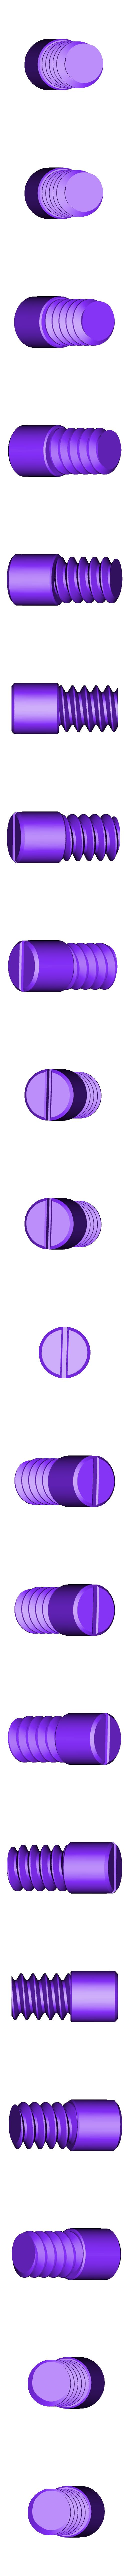 Screw.stl Télécharger fichier STL Duo de rouleaux de massage • Modèle pour impression 3D, a69291954